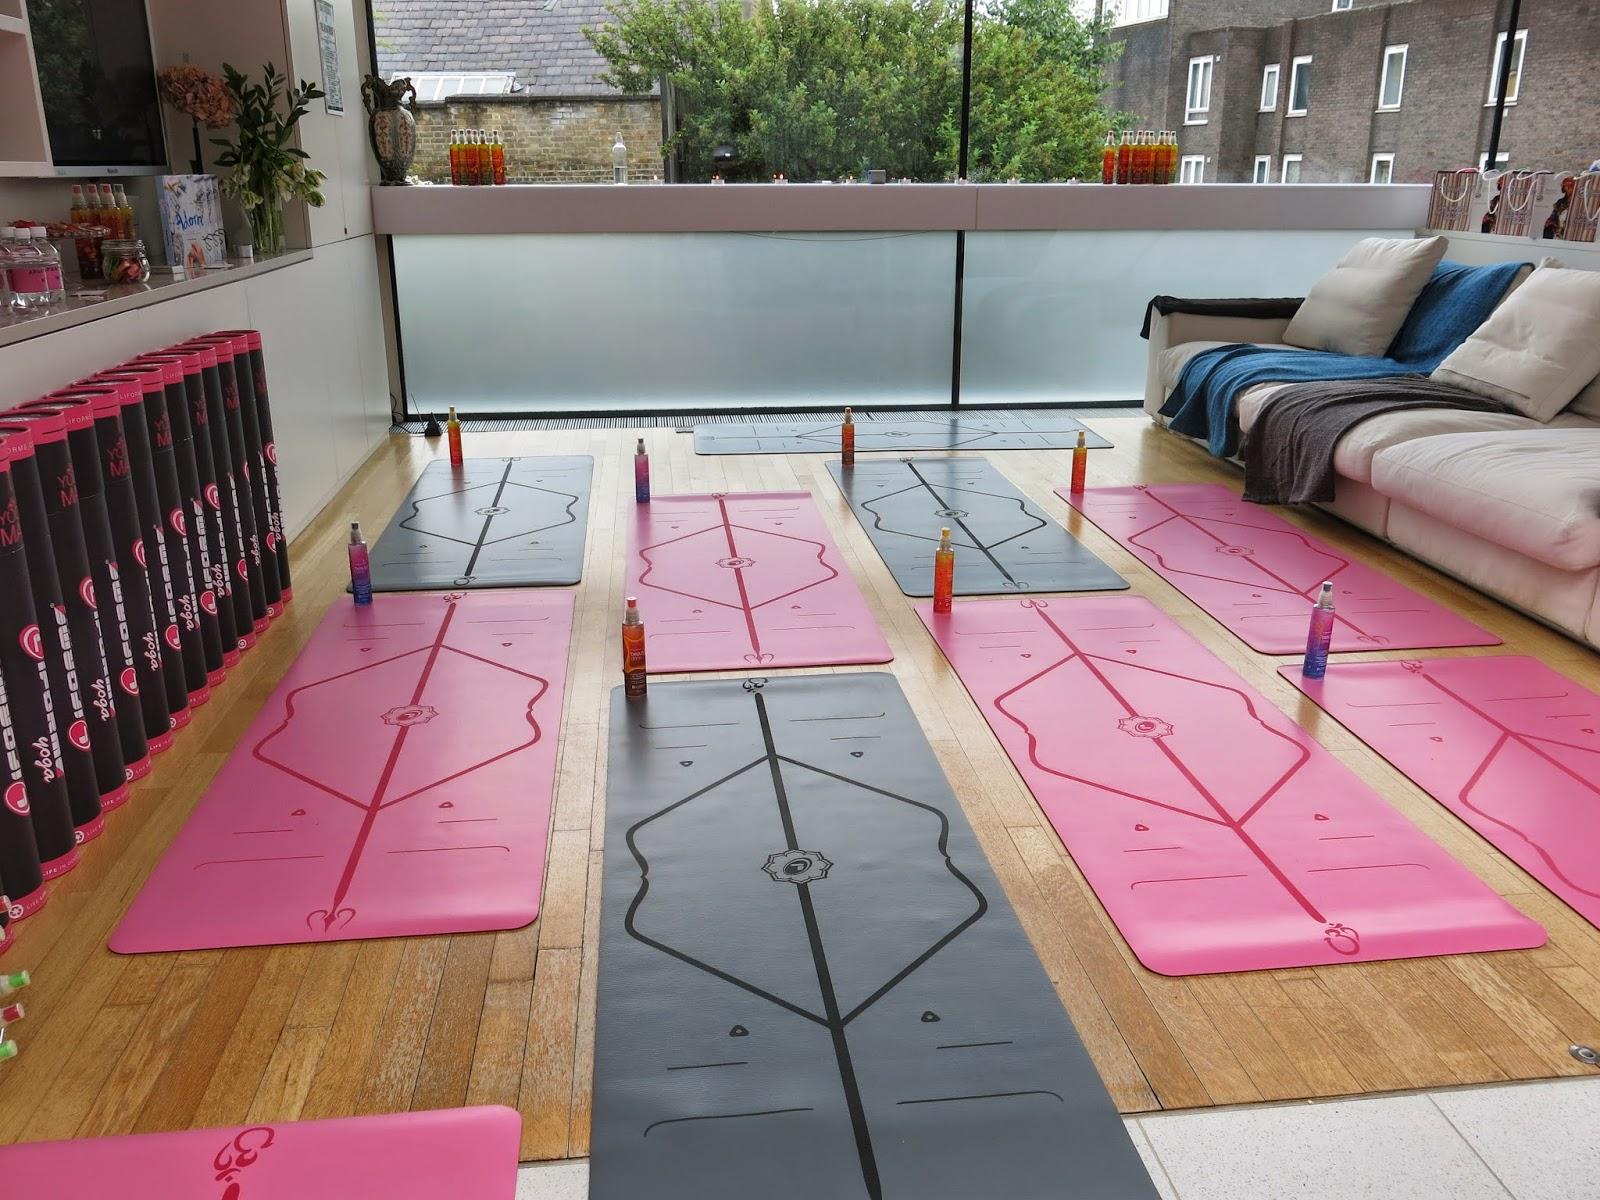 yoga, lifeorme, lifeorme yoga mats